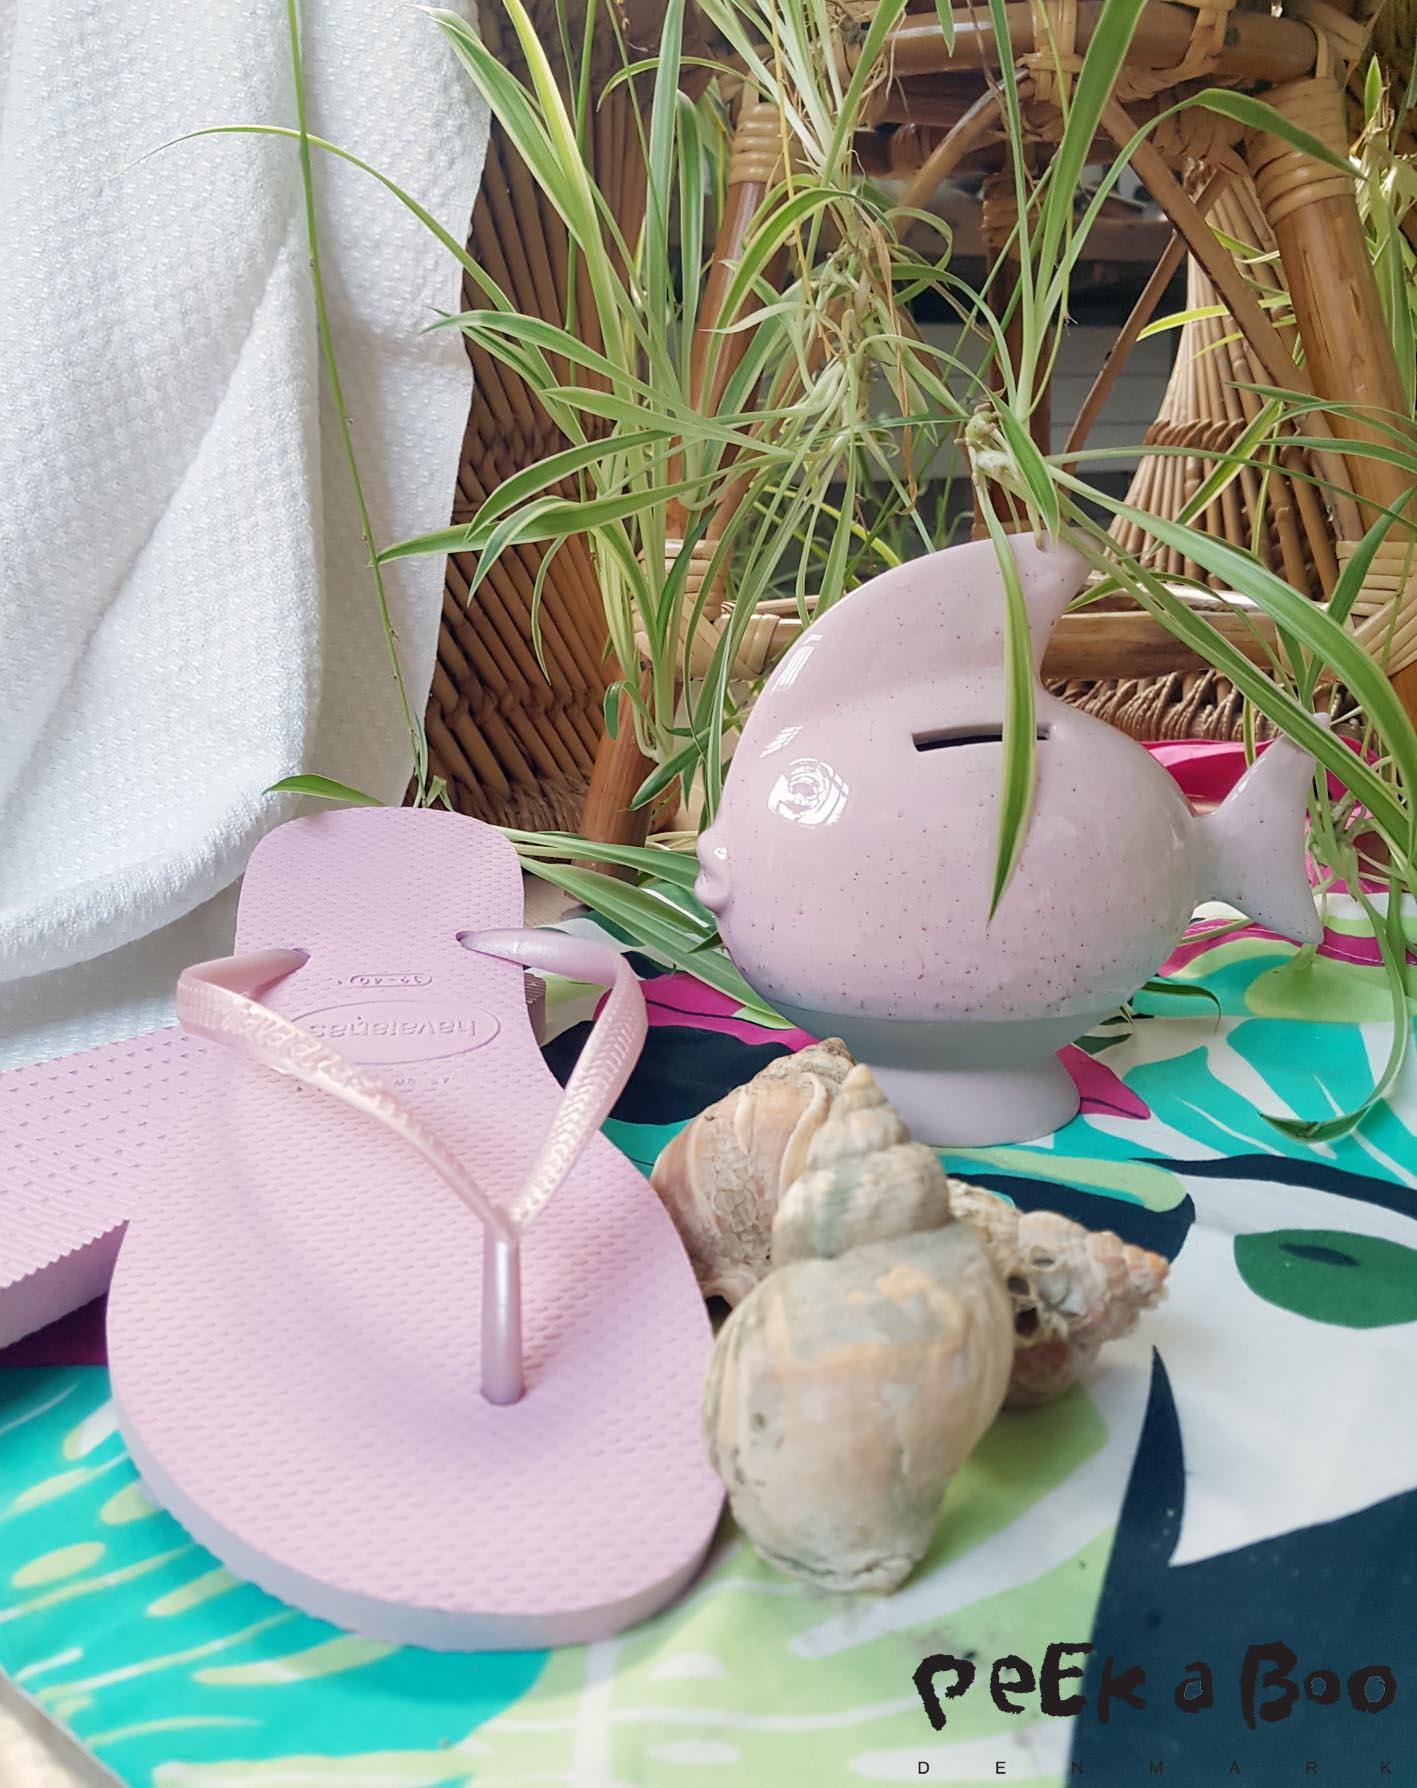 klip klappere er et must...og disse Havaianas i lyserøde kommer til at være klistret fast under mine fodsåler i de 14 dage vi er dernede. Den lille spare-fisk fra Kähler design kan lige bruge til at spare sammen til den næste tur...Grønne planter kan du jo finde i massevis hos JH engros planter som jeg tidligere har skrevet om her.